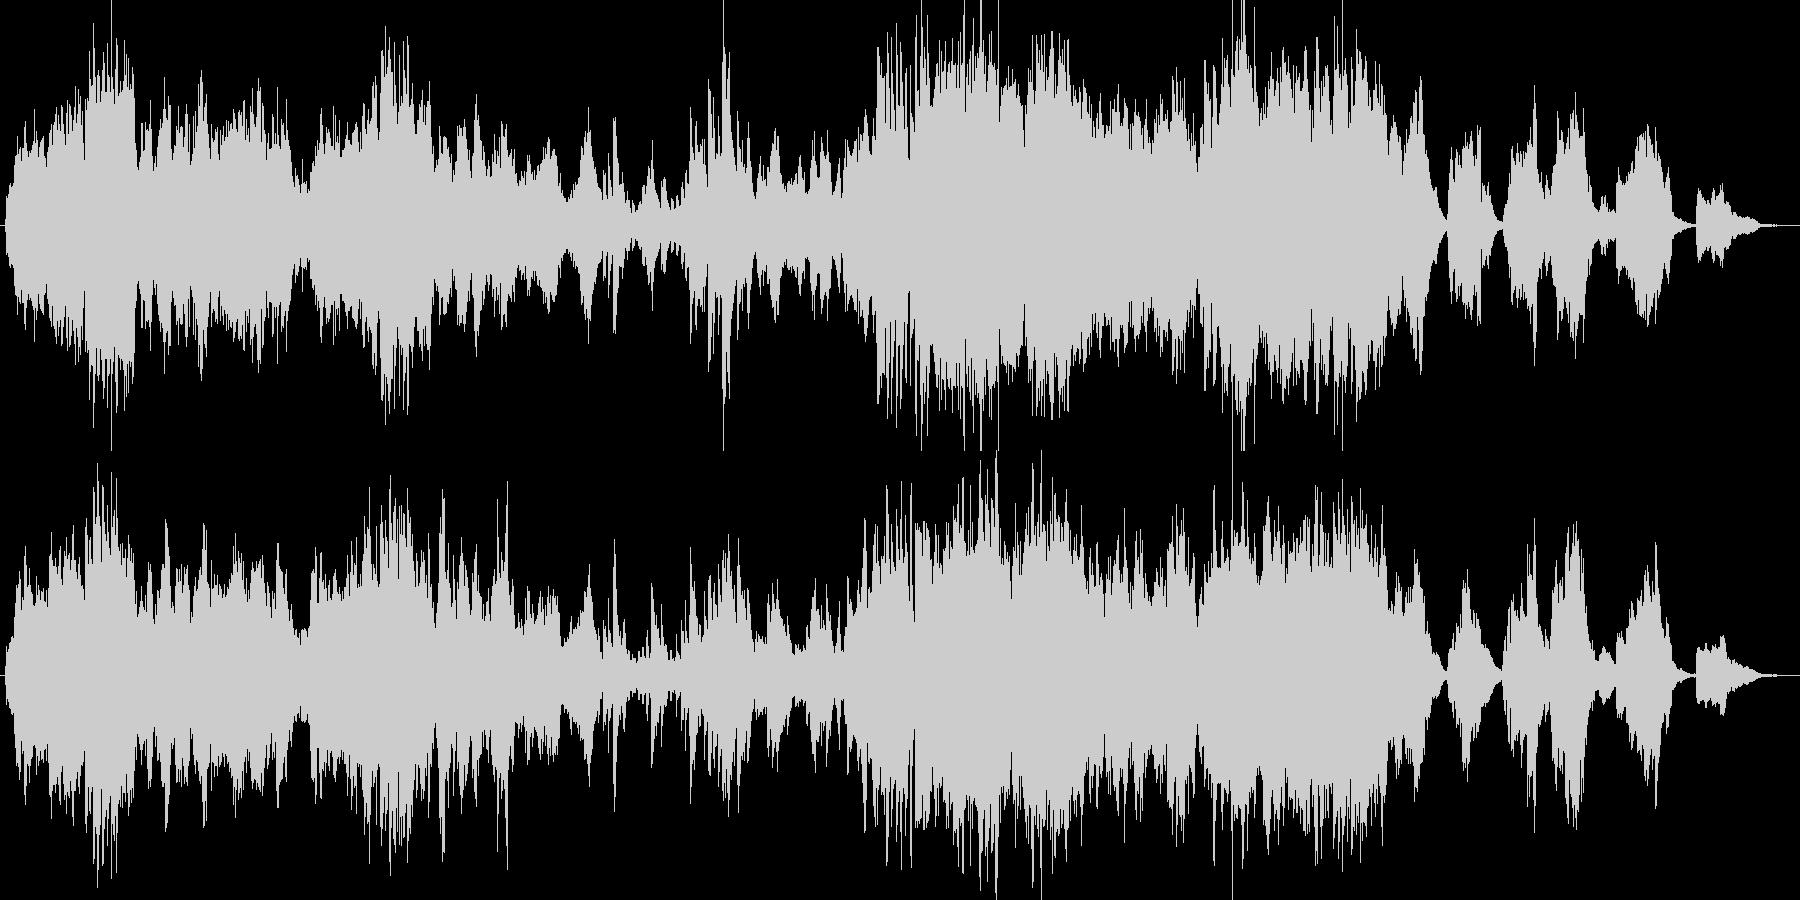 朝ドラ 爽やか クラシカル BGMの未再生の波形